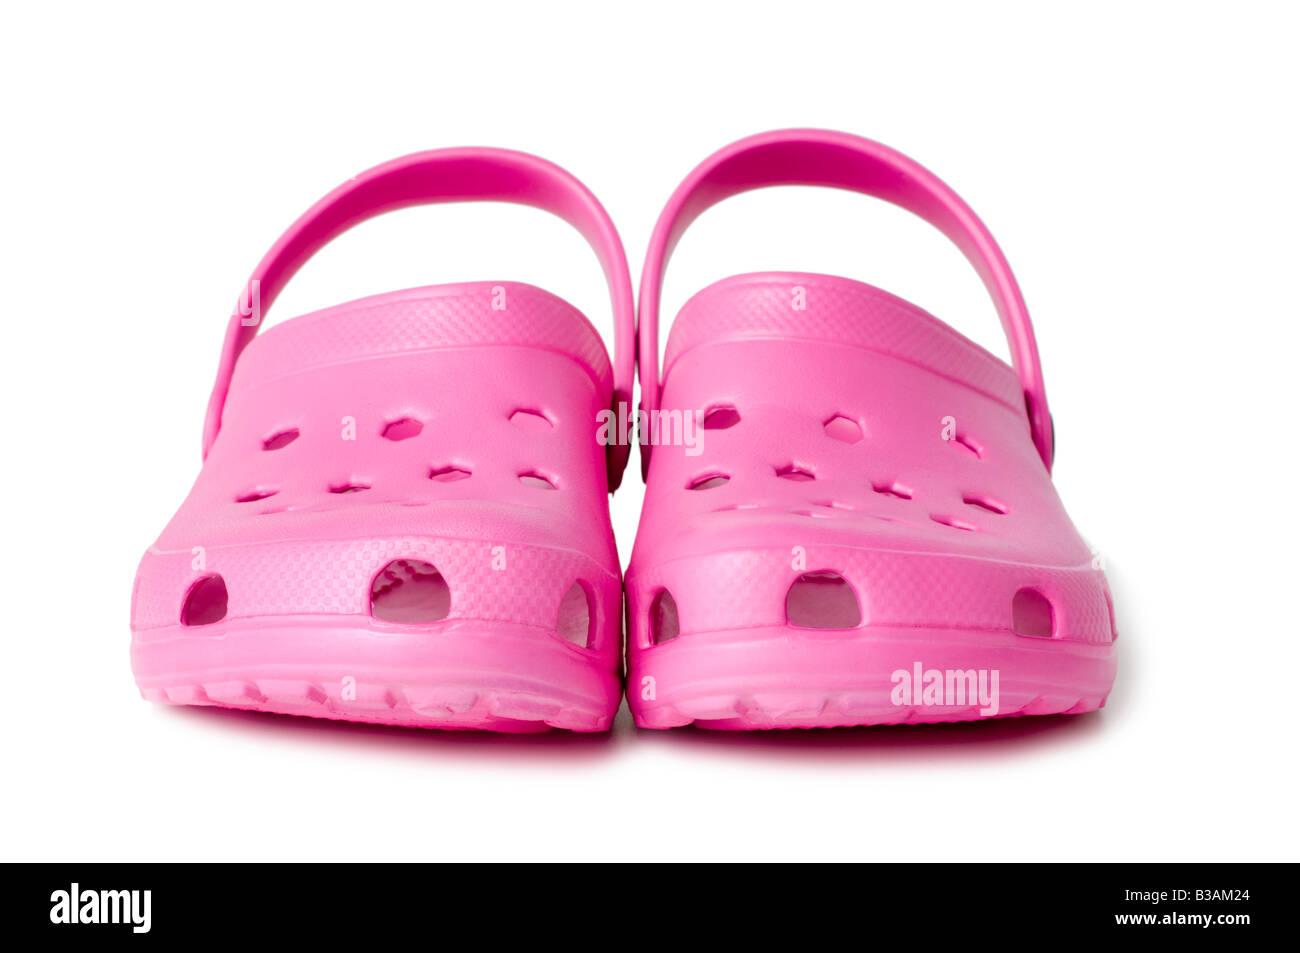 b4470ac1b2cf0 Pink Crocs Stock Photos   Pink Crocs Stock Images - Alamy